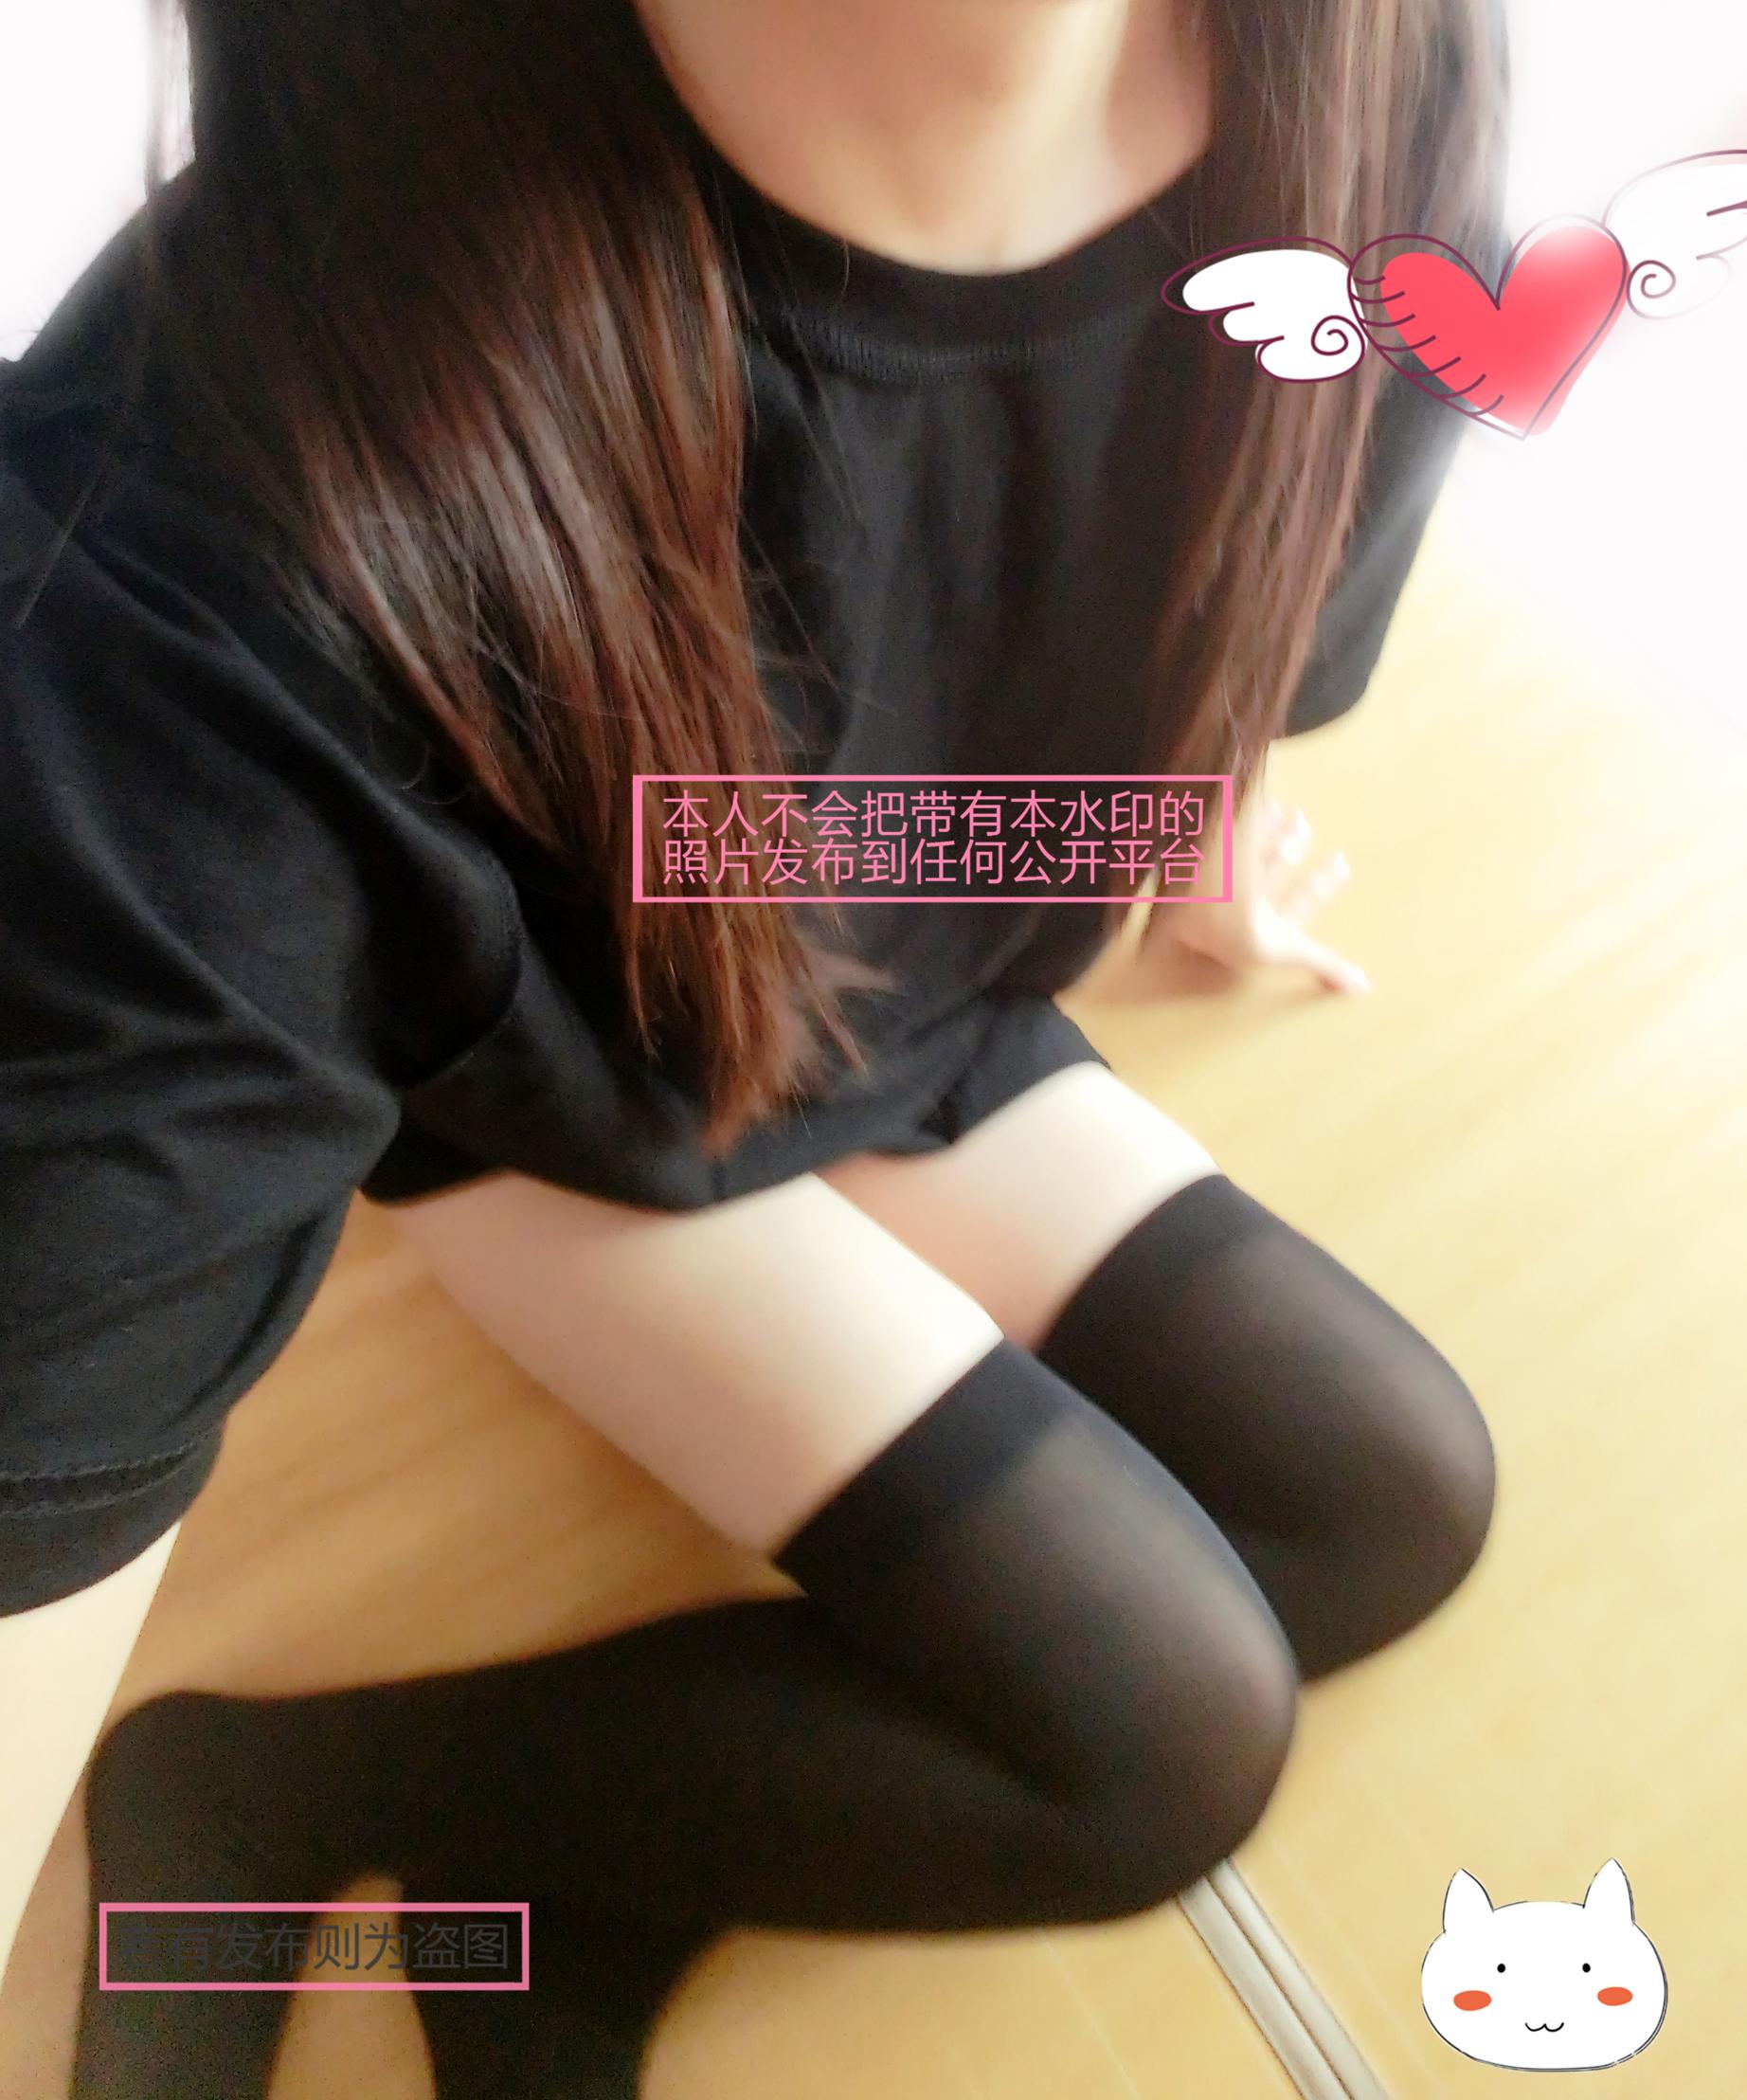 20fa.com _0009.jpg